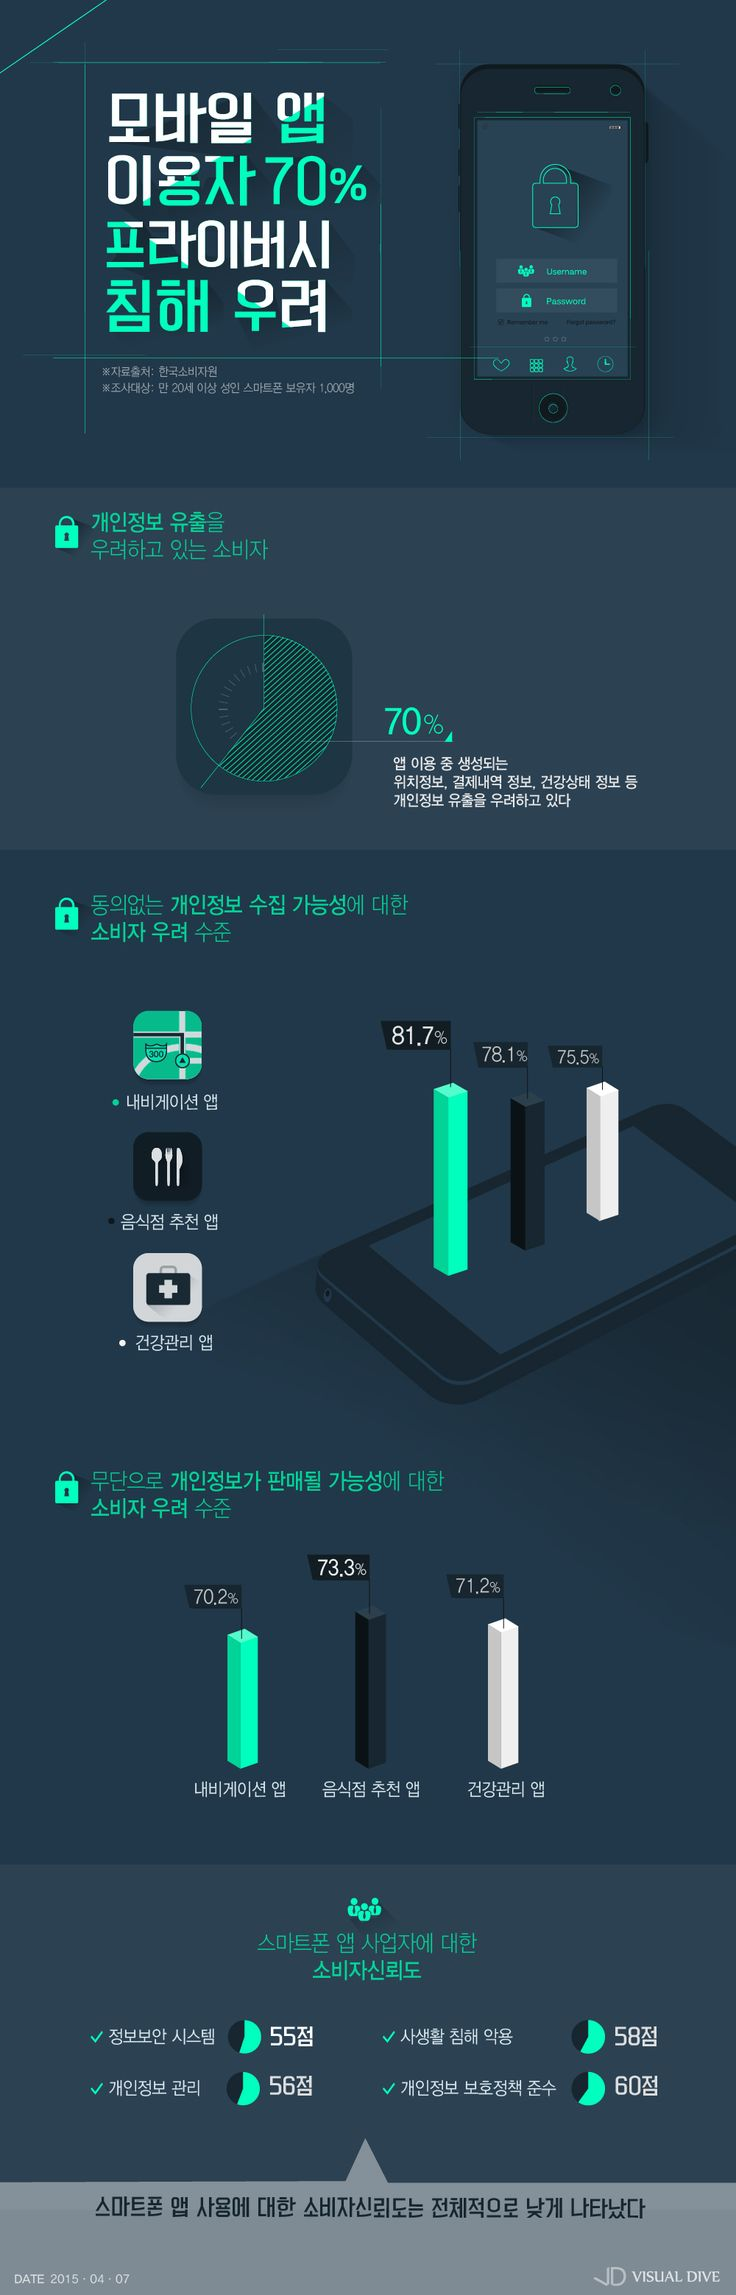 '내 정보가 새고 있다'… 앱 이용자 70%, 개인정보 유출 우려 [인포그래픽] # / #Infographic ⓒ 비주얼다이브 무단 복사·전재·재배포 금지